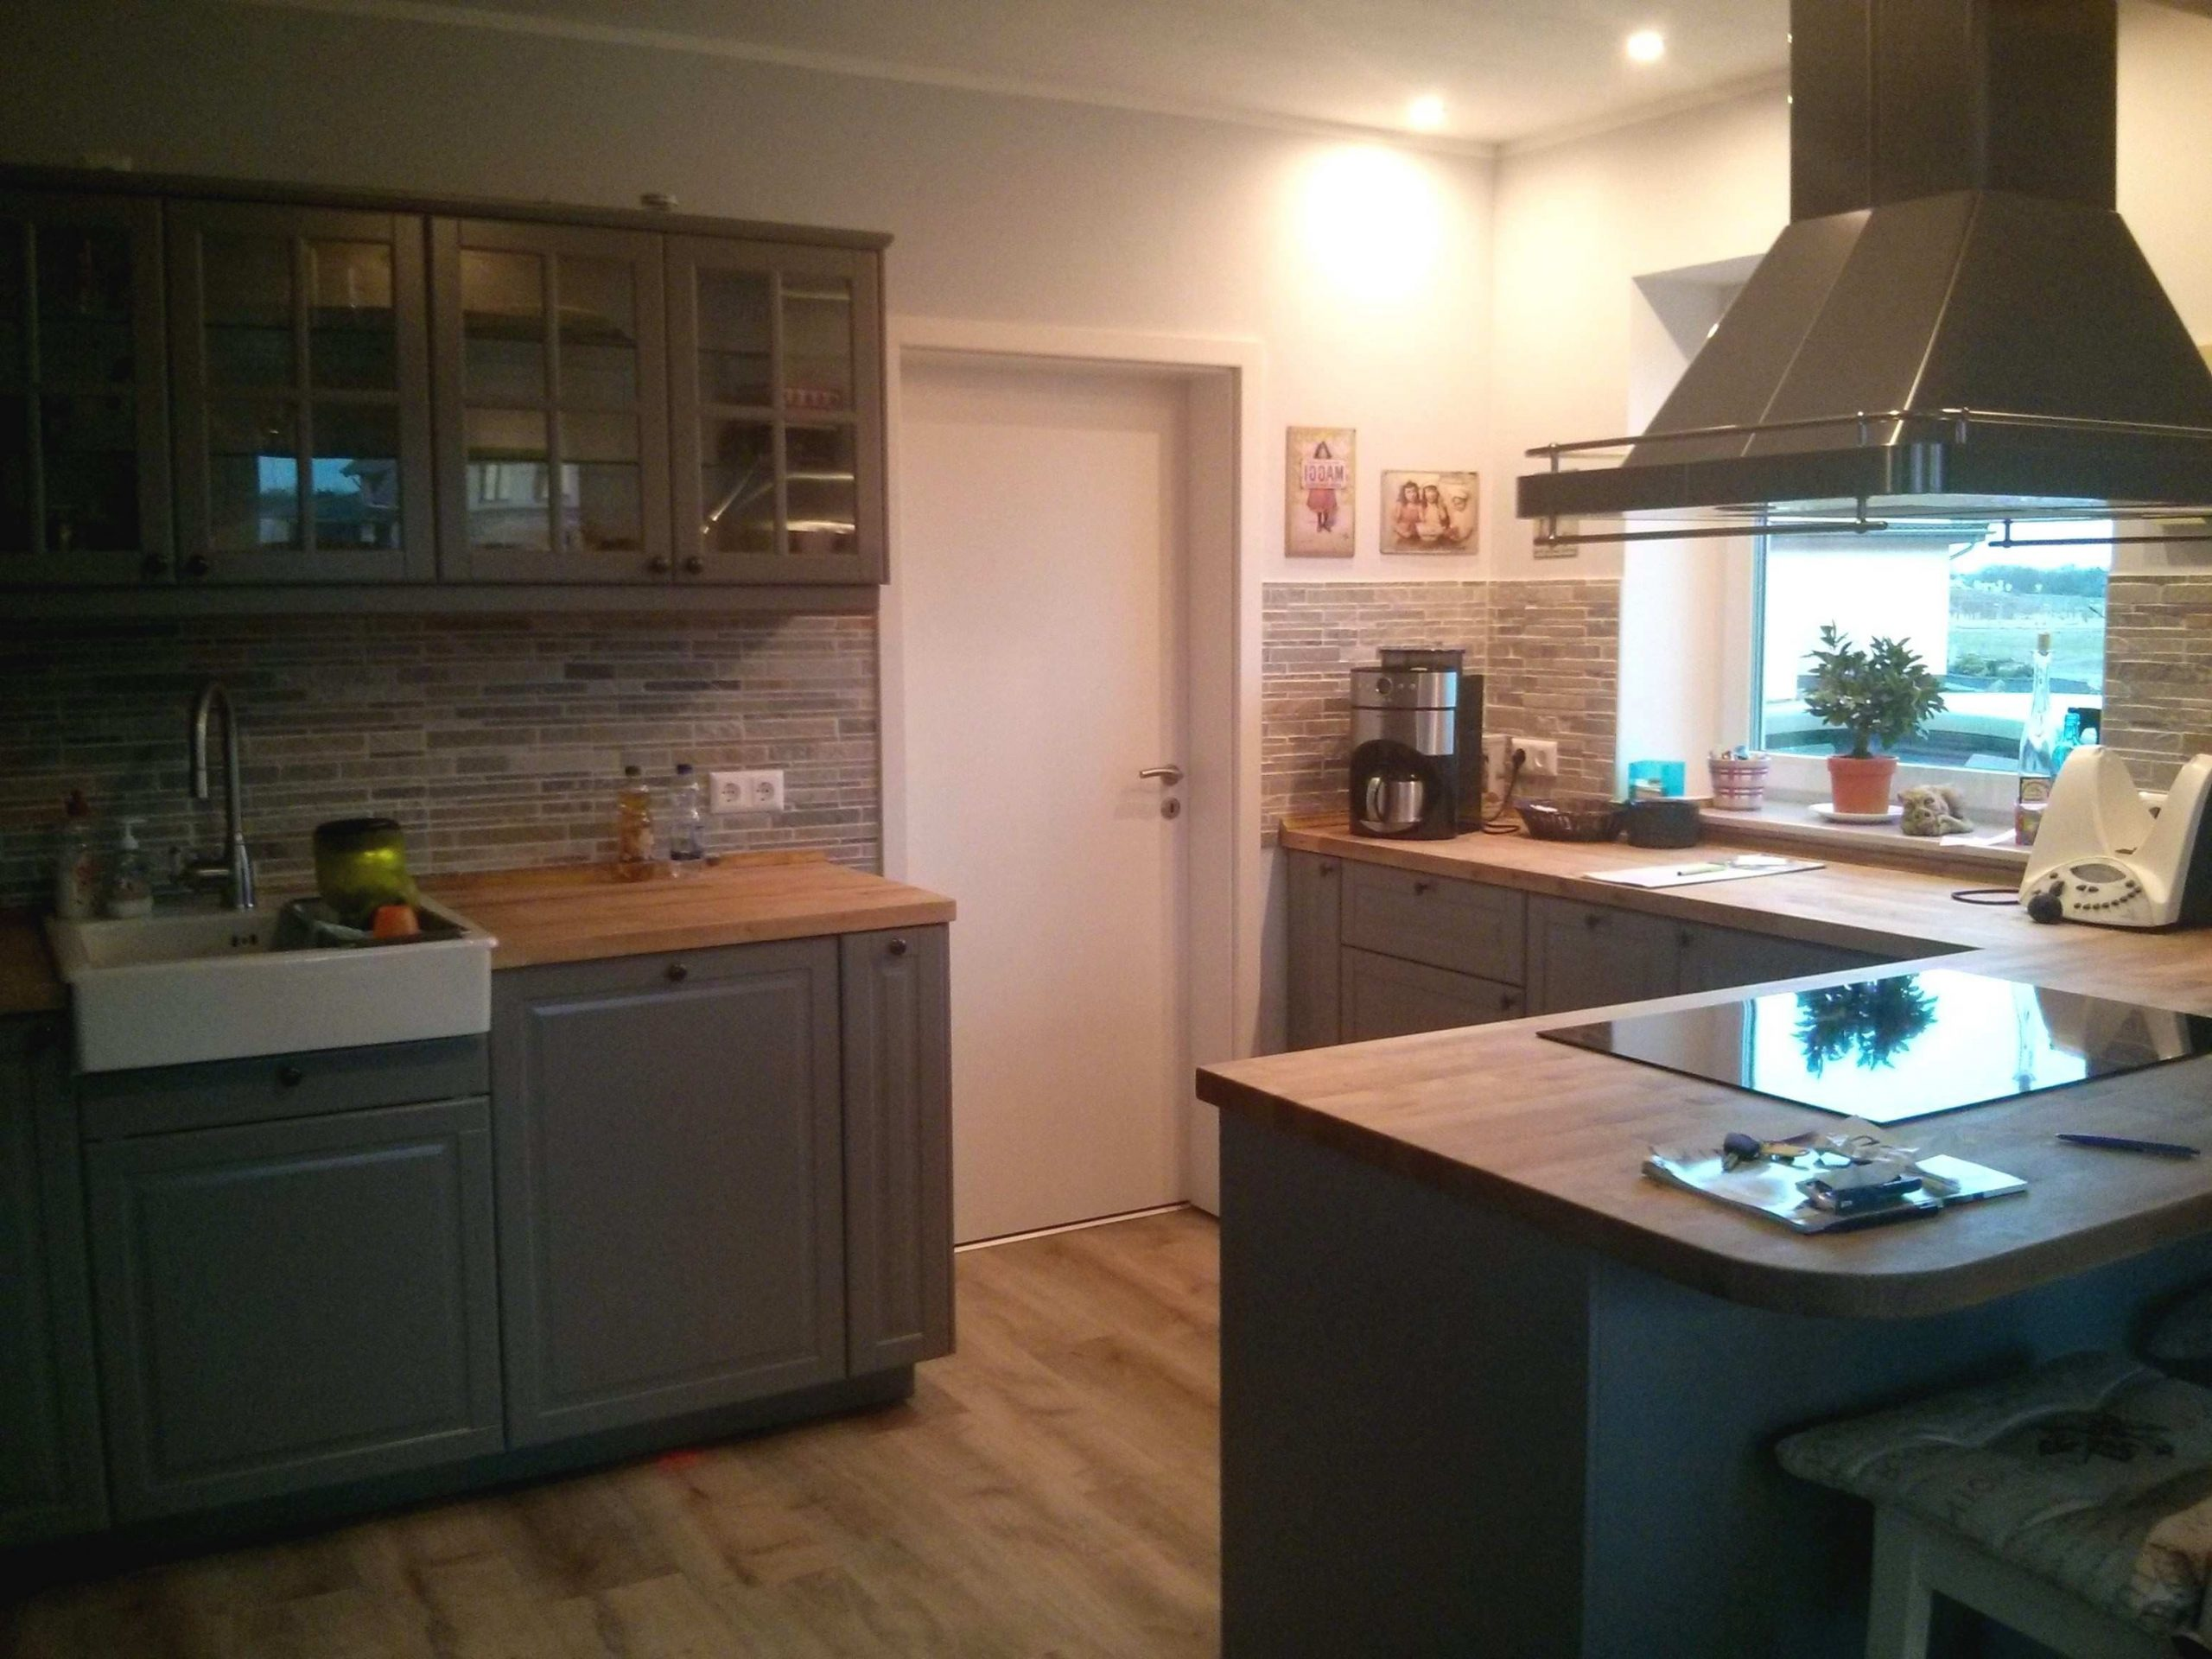 Full Size of Billige Küche Regal Ikea Kche Wei Billig Kchenschrank Ideen Behindertengerechte Wasserhahn Für Auf Raten Landhausstil Planen Unterschrank Pendelleuchten Küche Billige Küche